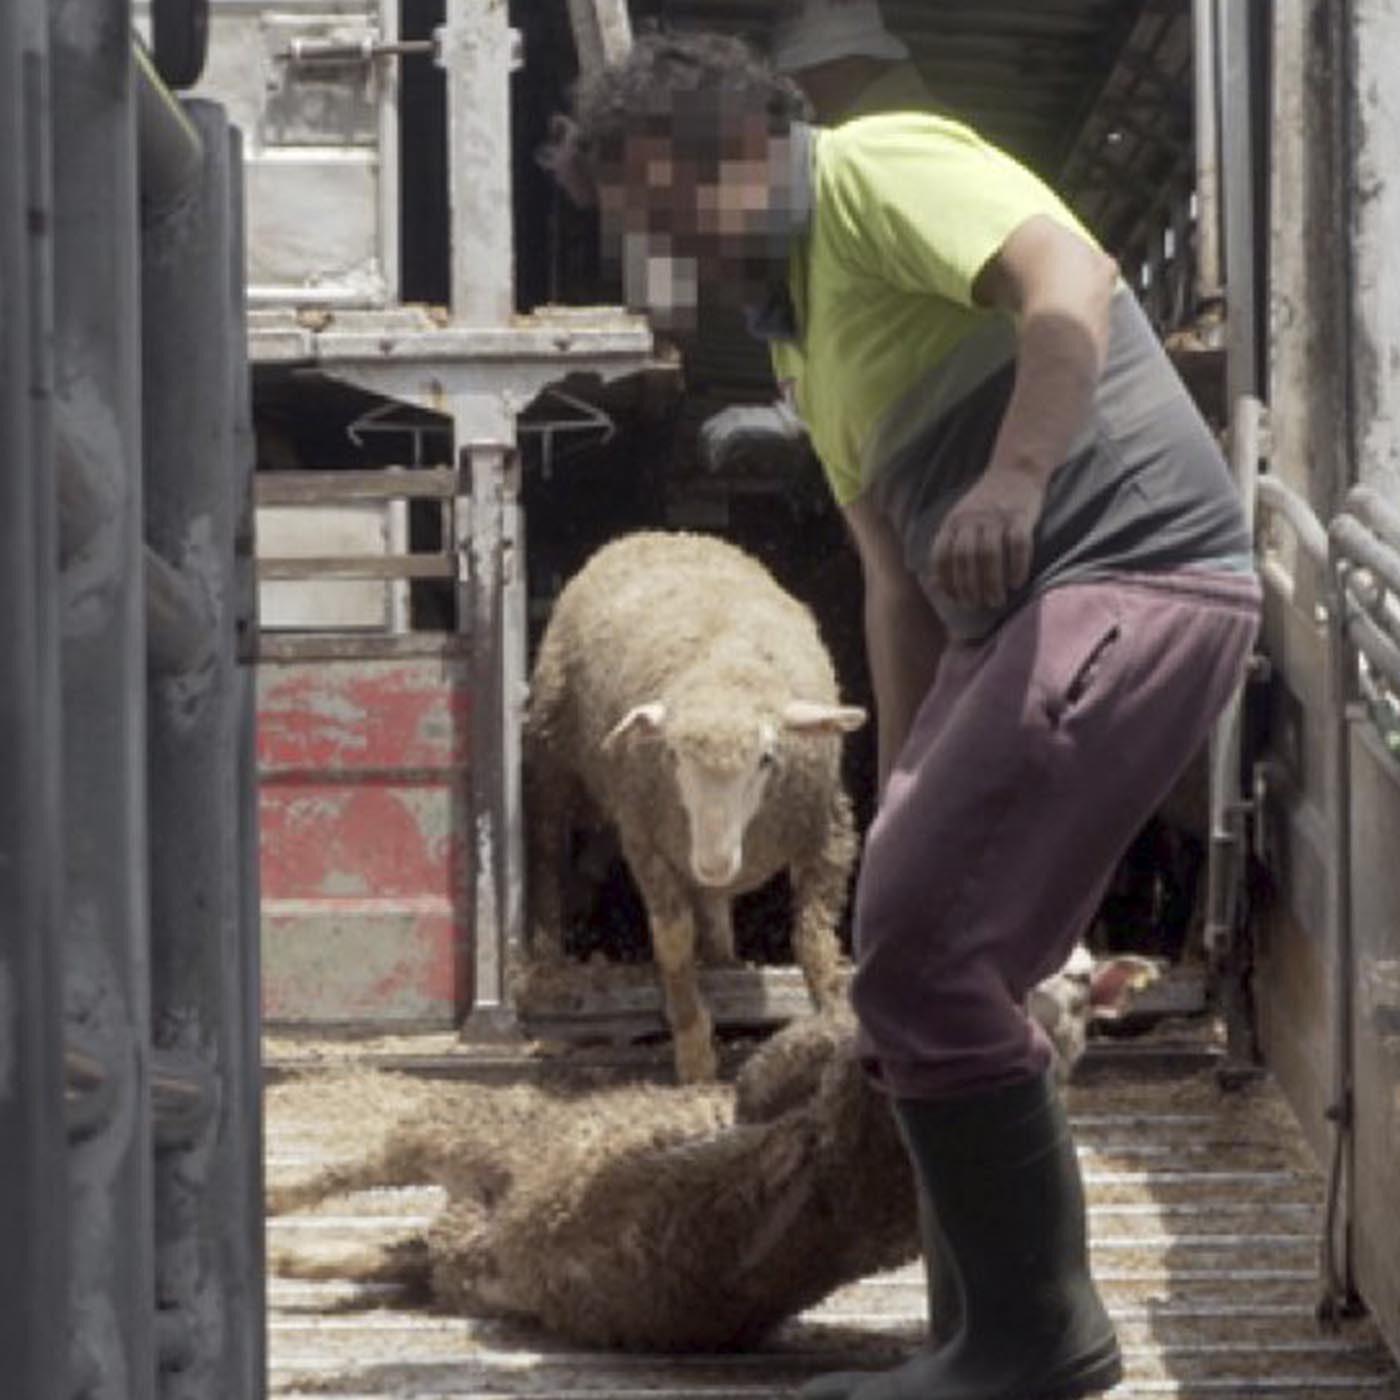 EL TORMENTOSO TRANSPORTE DE ANIMALES VIVOS